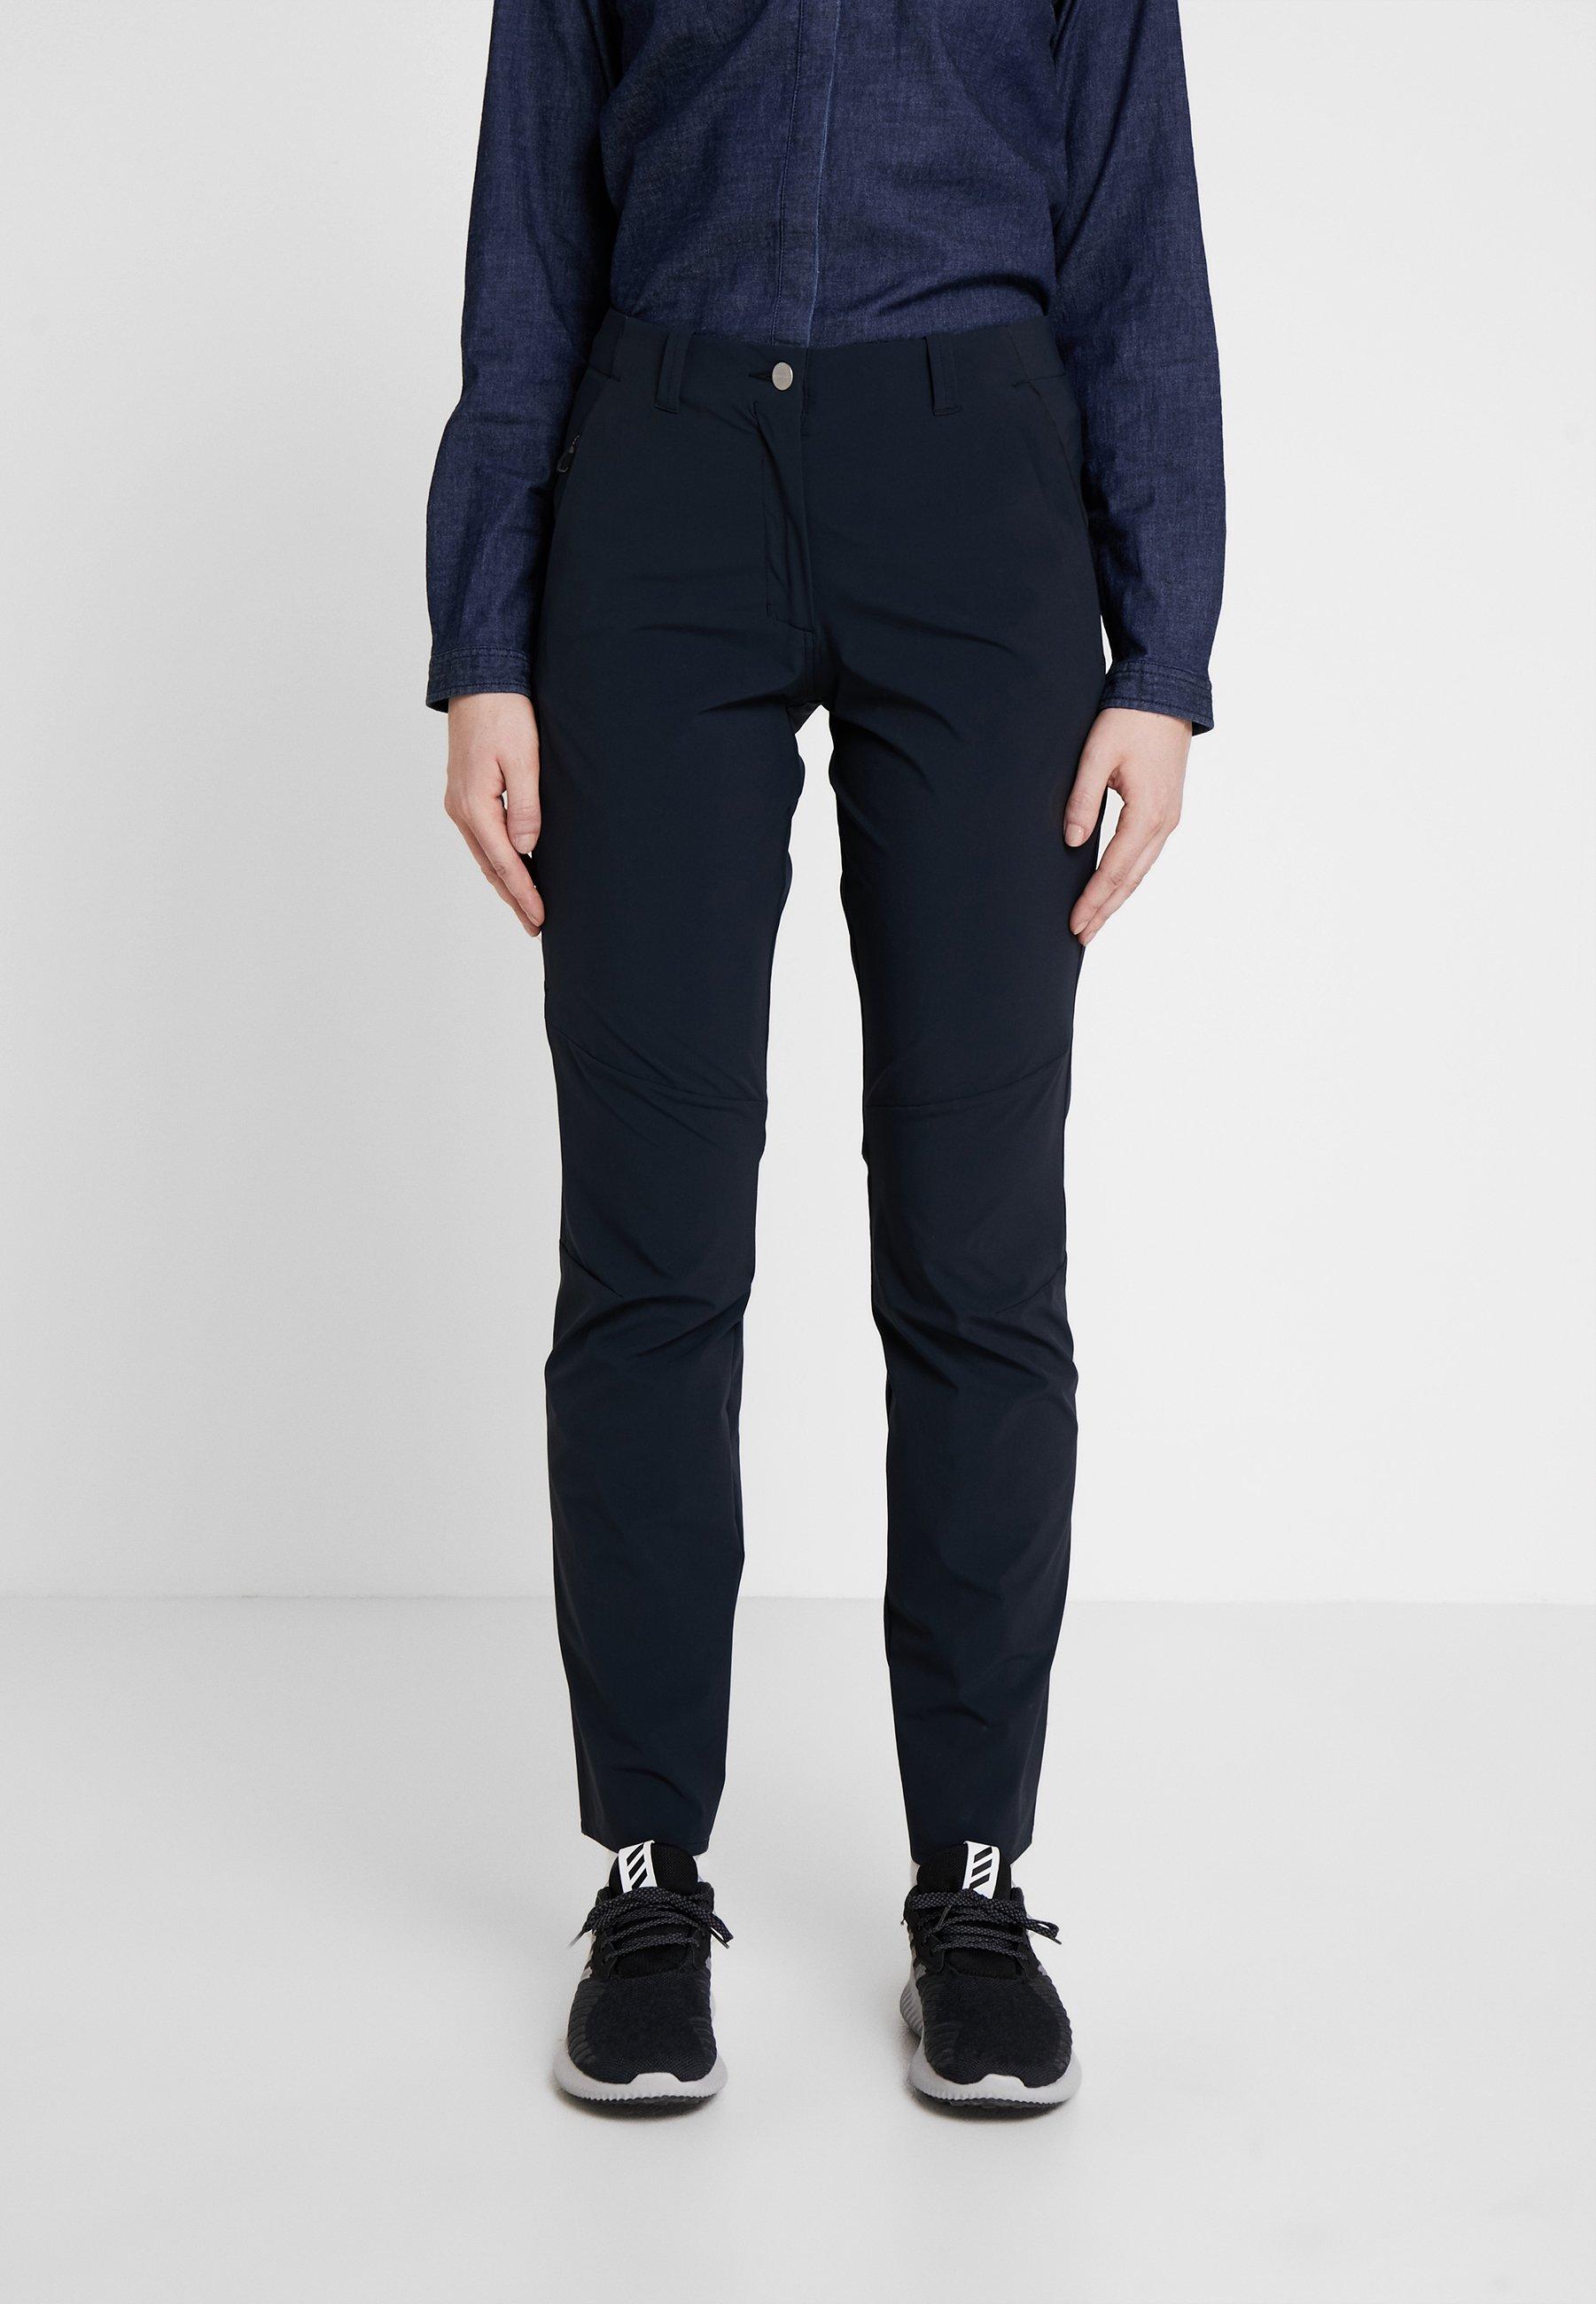 Femme RUNBOLD  - Pantalons outdoor